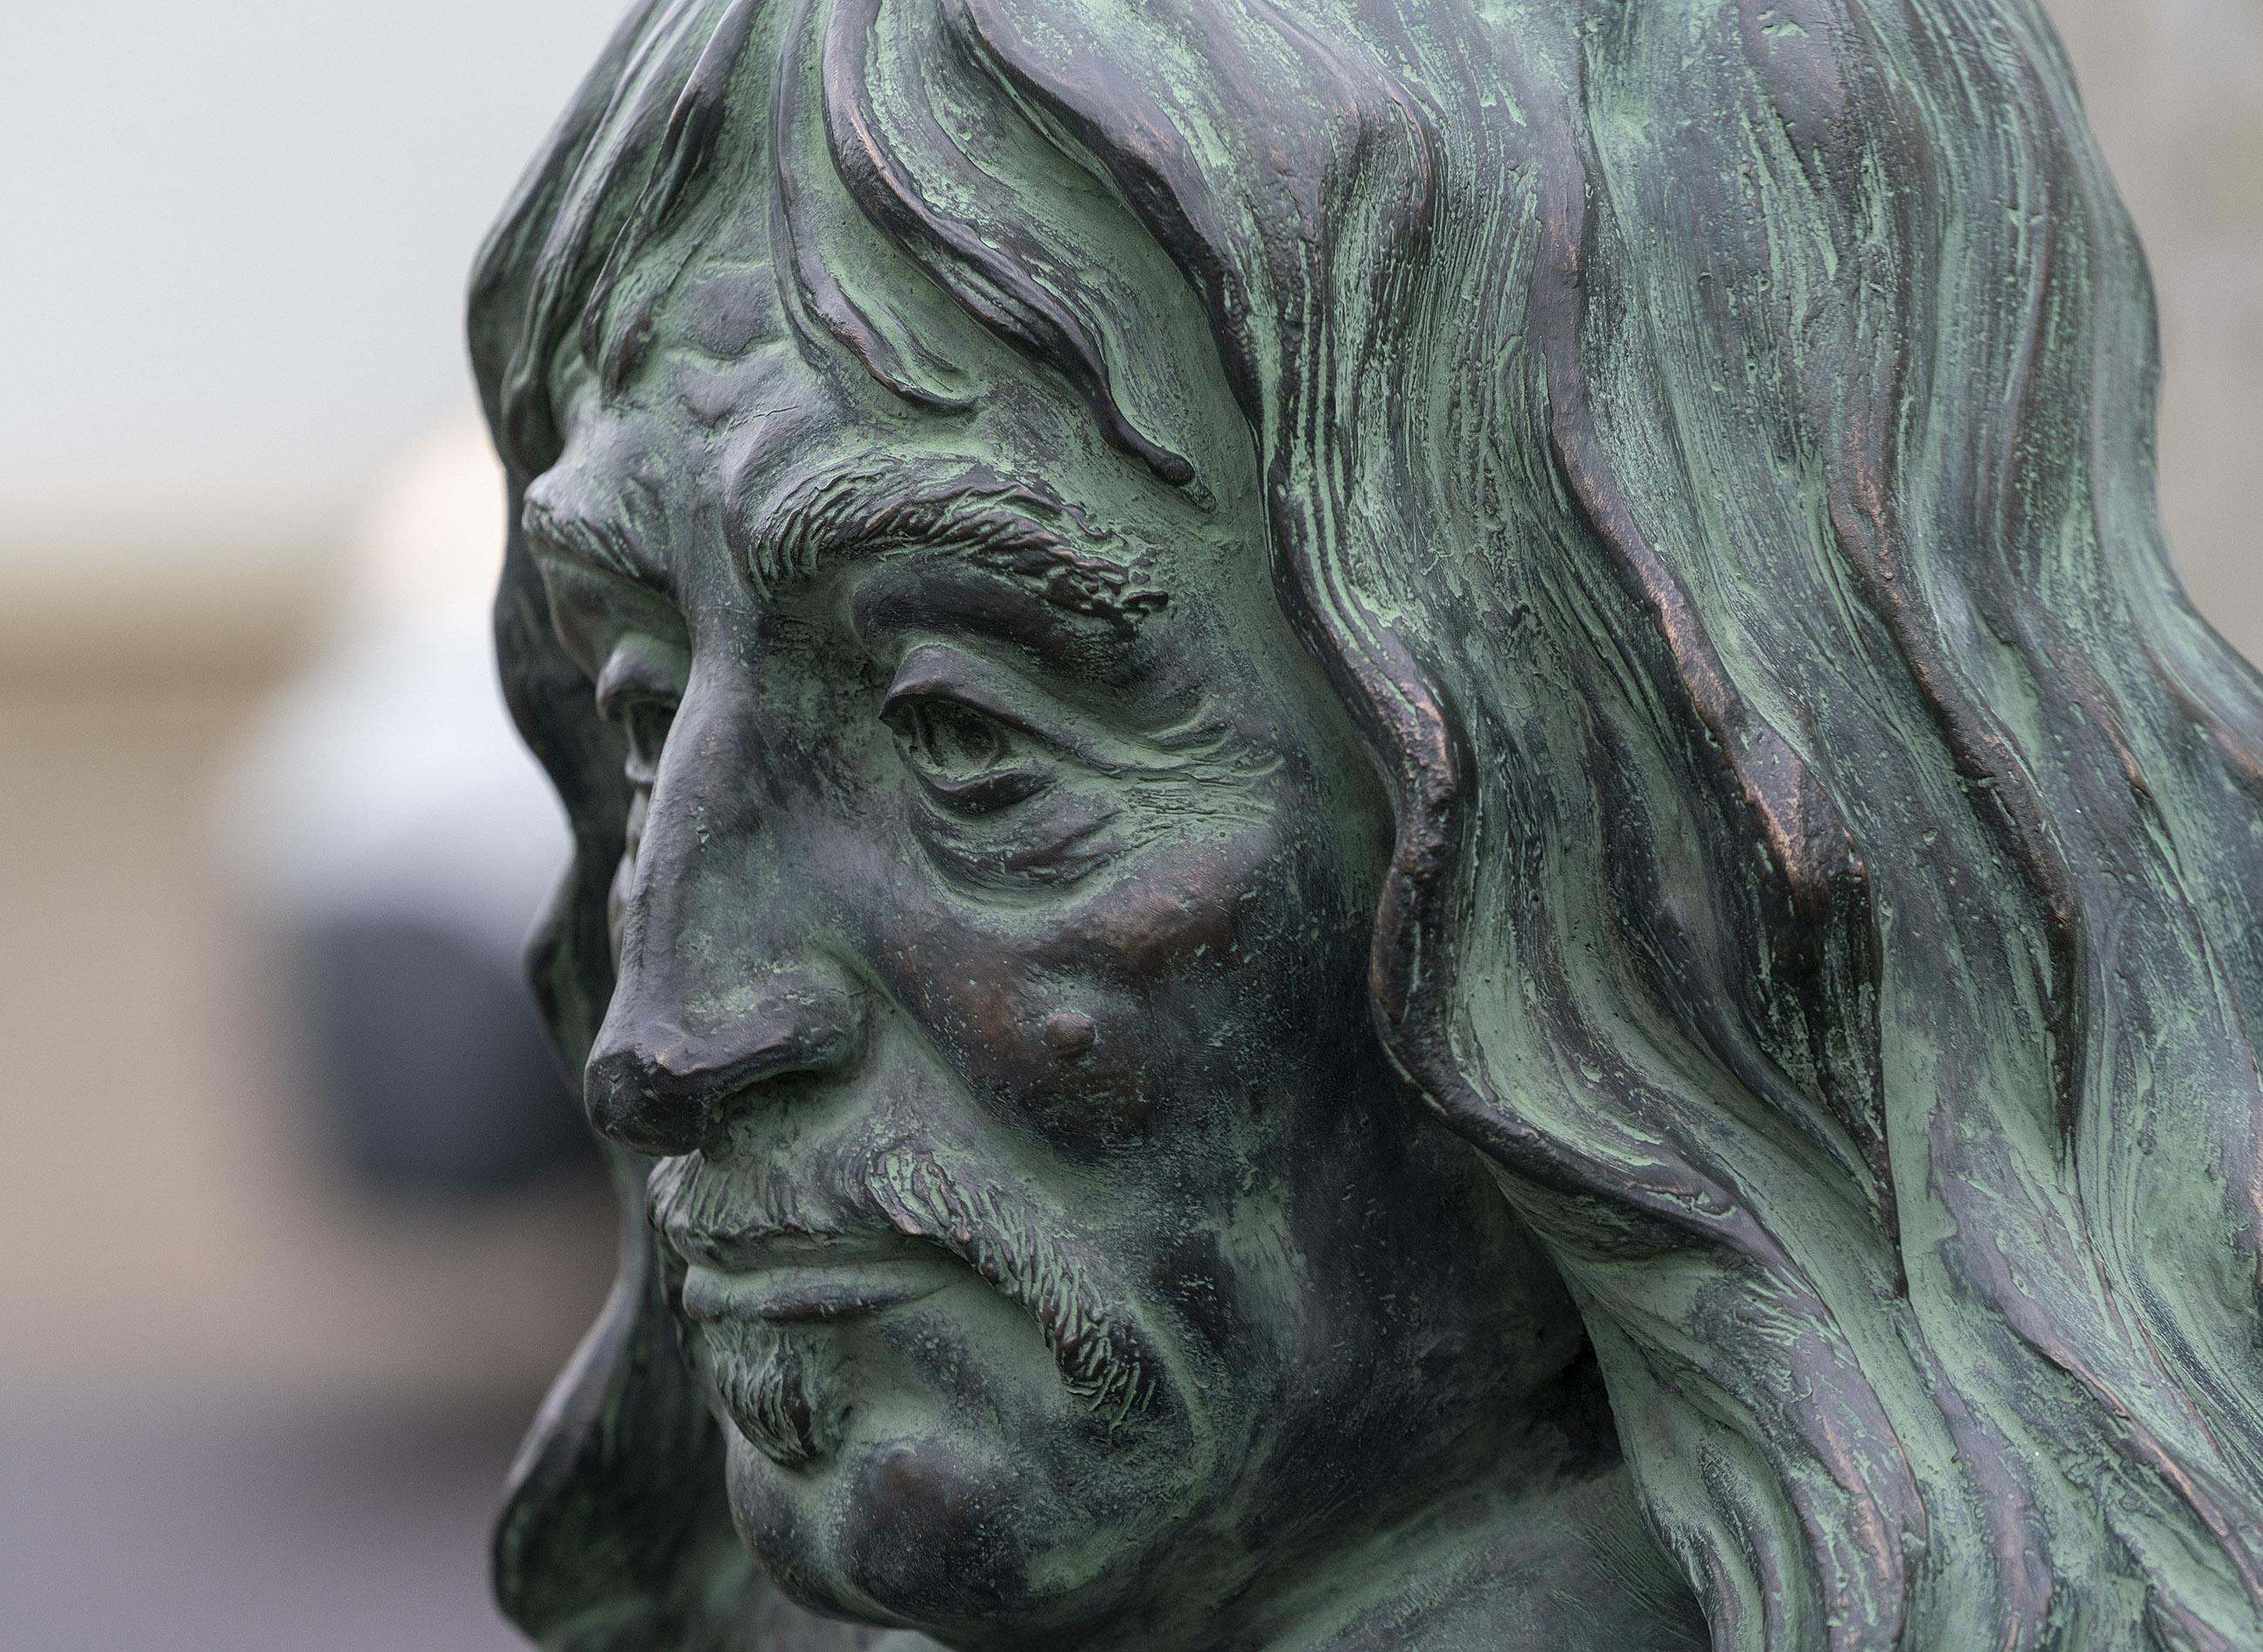 Was het zijn geheime liefde die Descartes naar Egmond bracht? De wereldberoemde filosoof is eeuwen later terug, in brons. En hij staat weer naast Helena